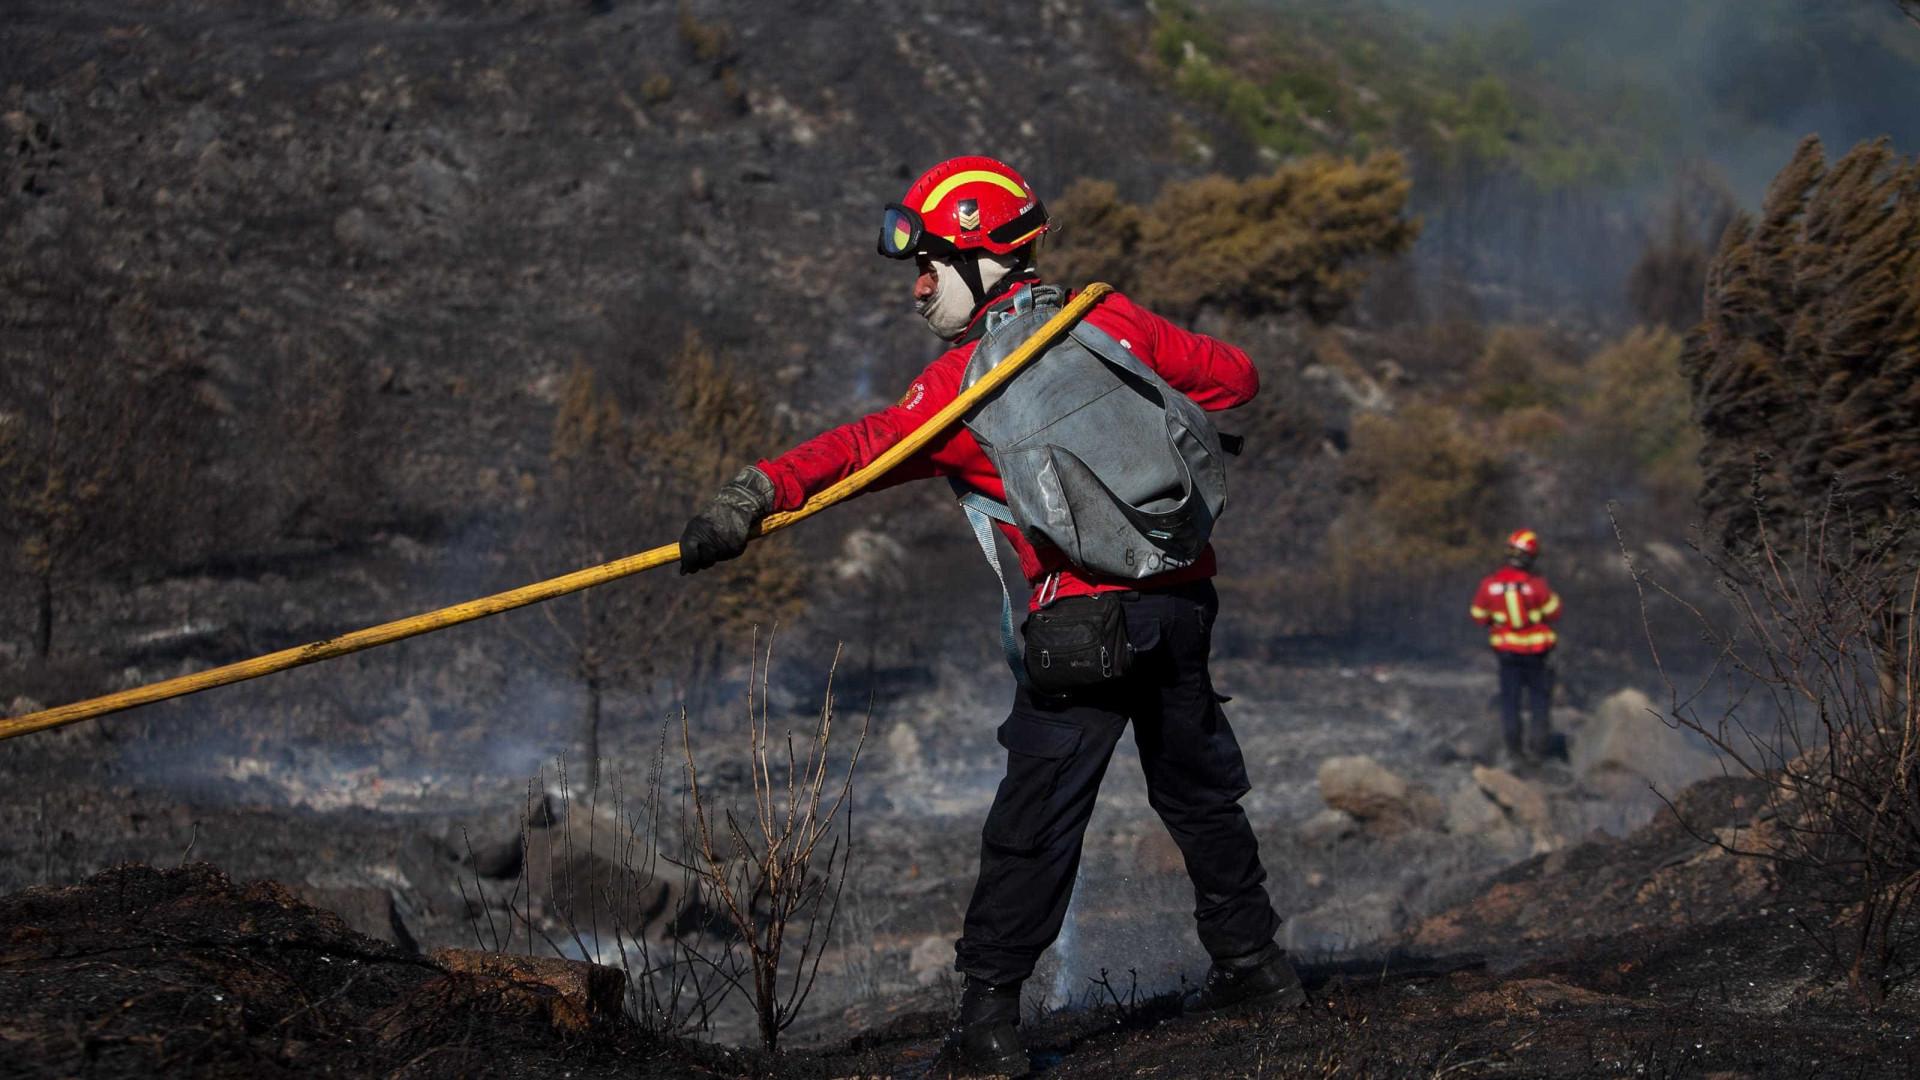 PJ deteve homem que terá ateado fogo florestal em Mangualde